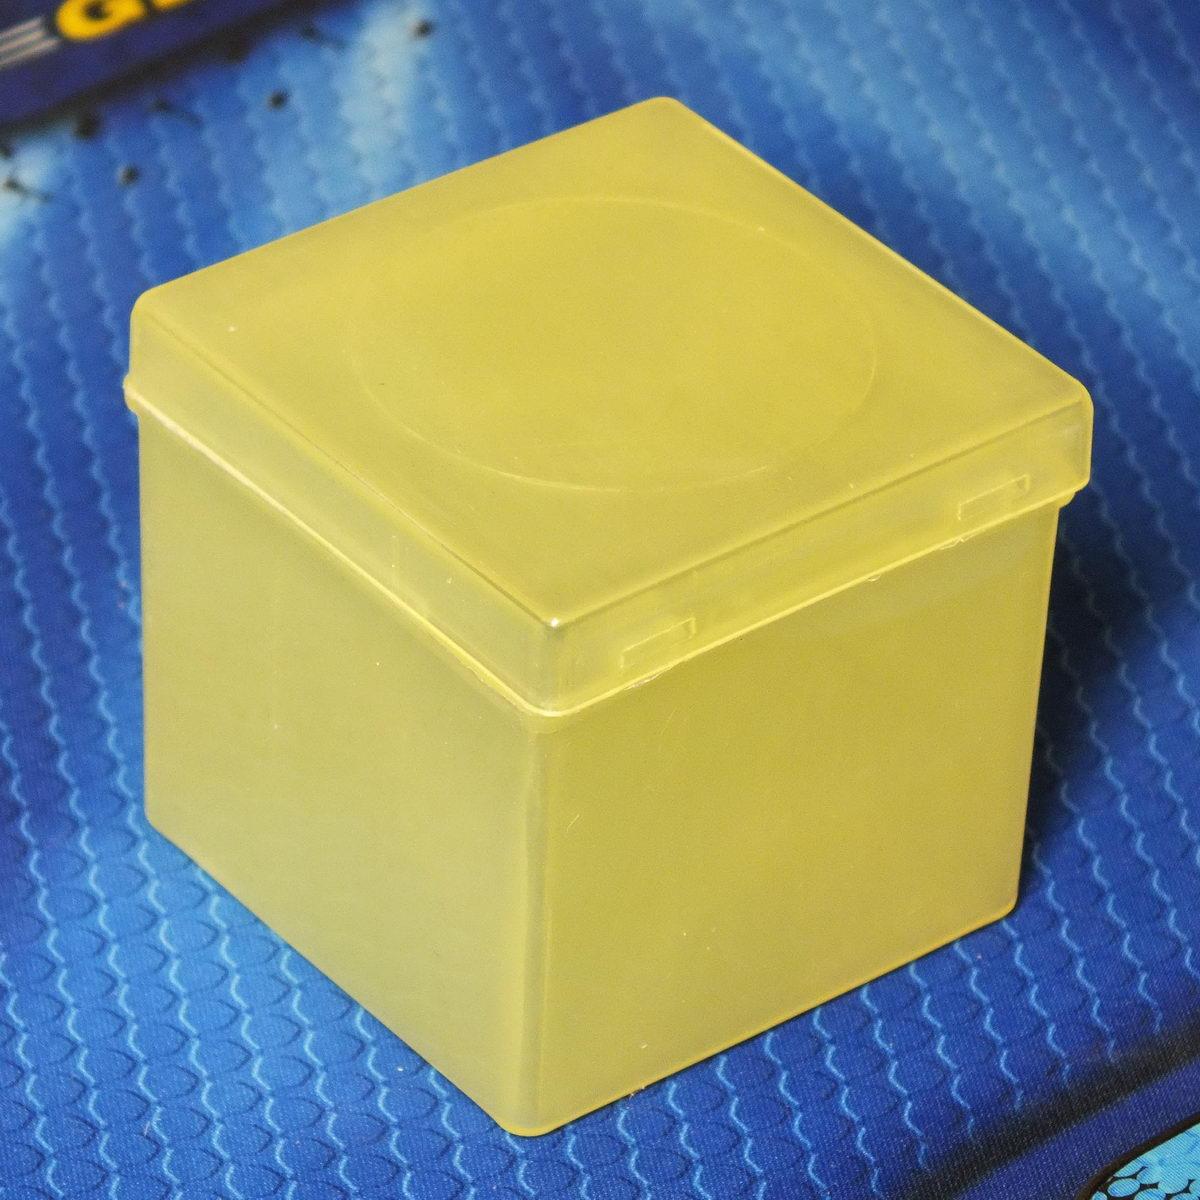 Пластиковый бокс для 3x3 жёлтый